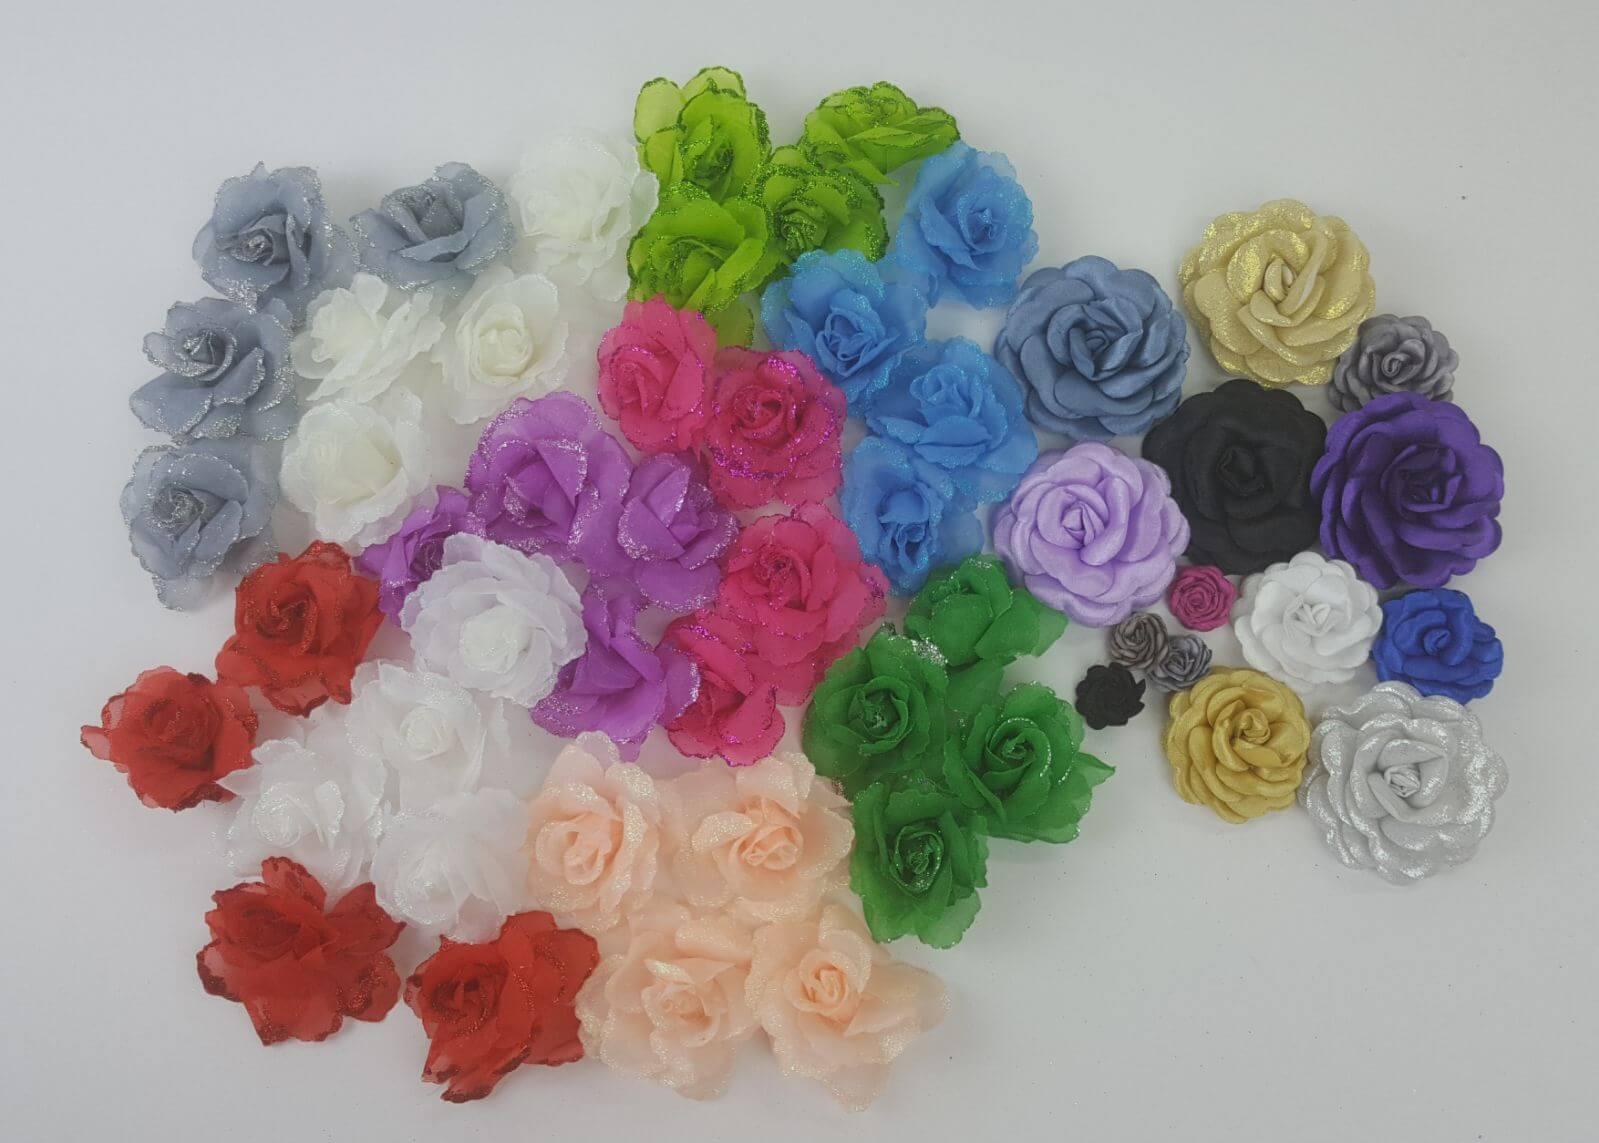 מגוון גדול של פרחים לעיטור וקישוט